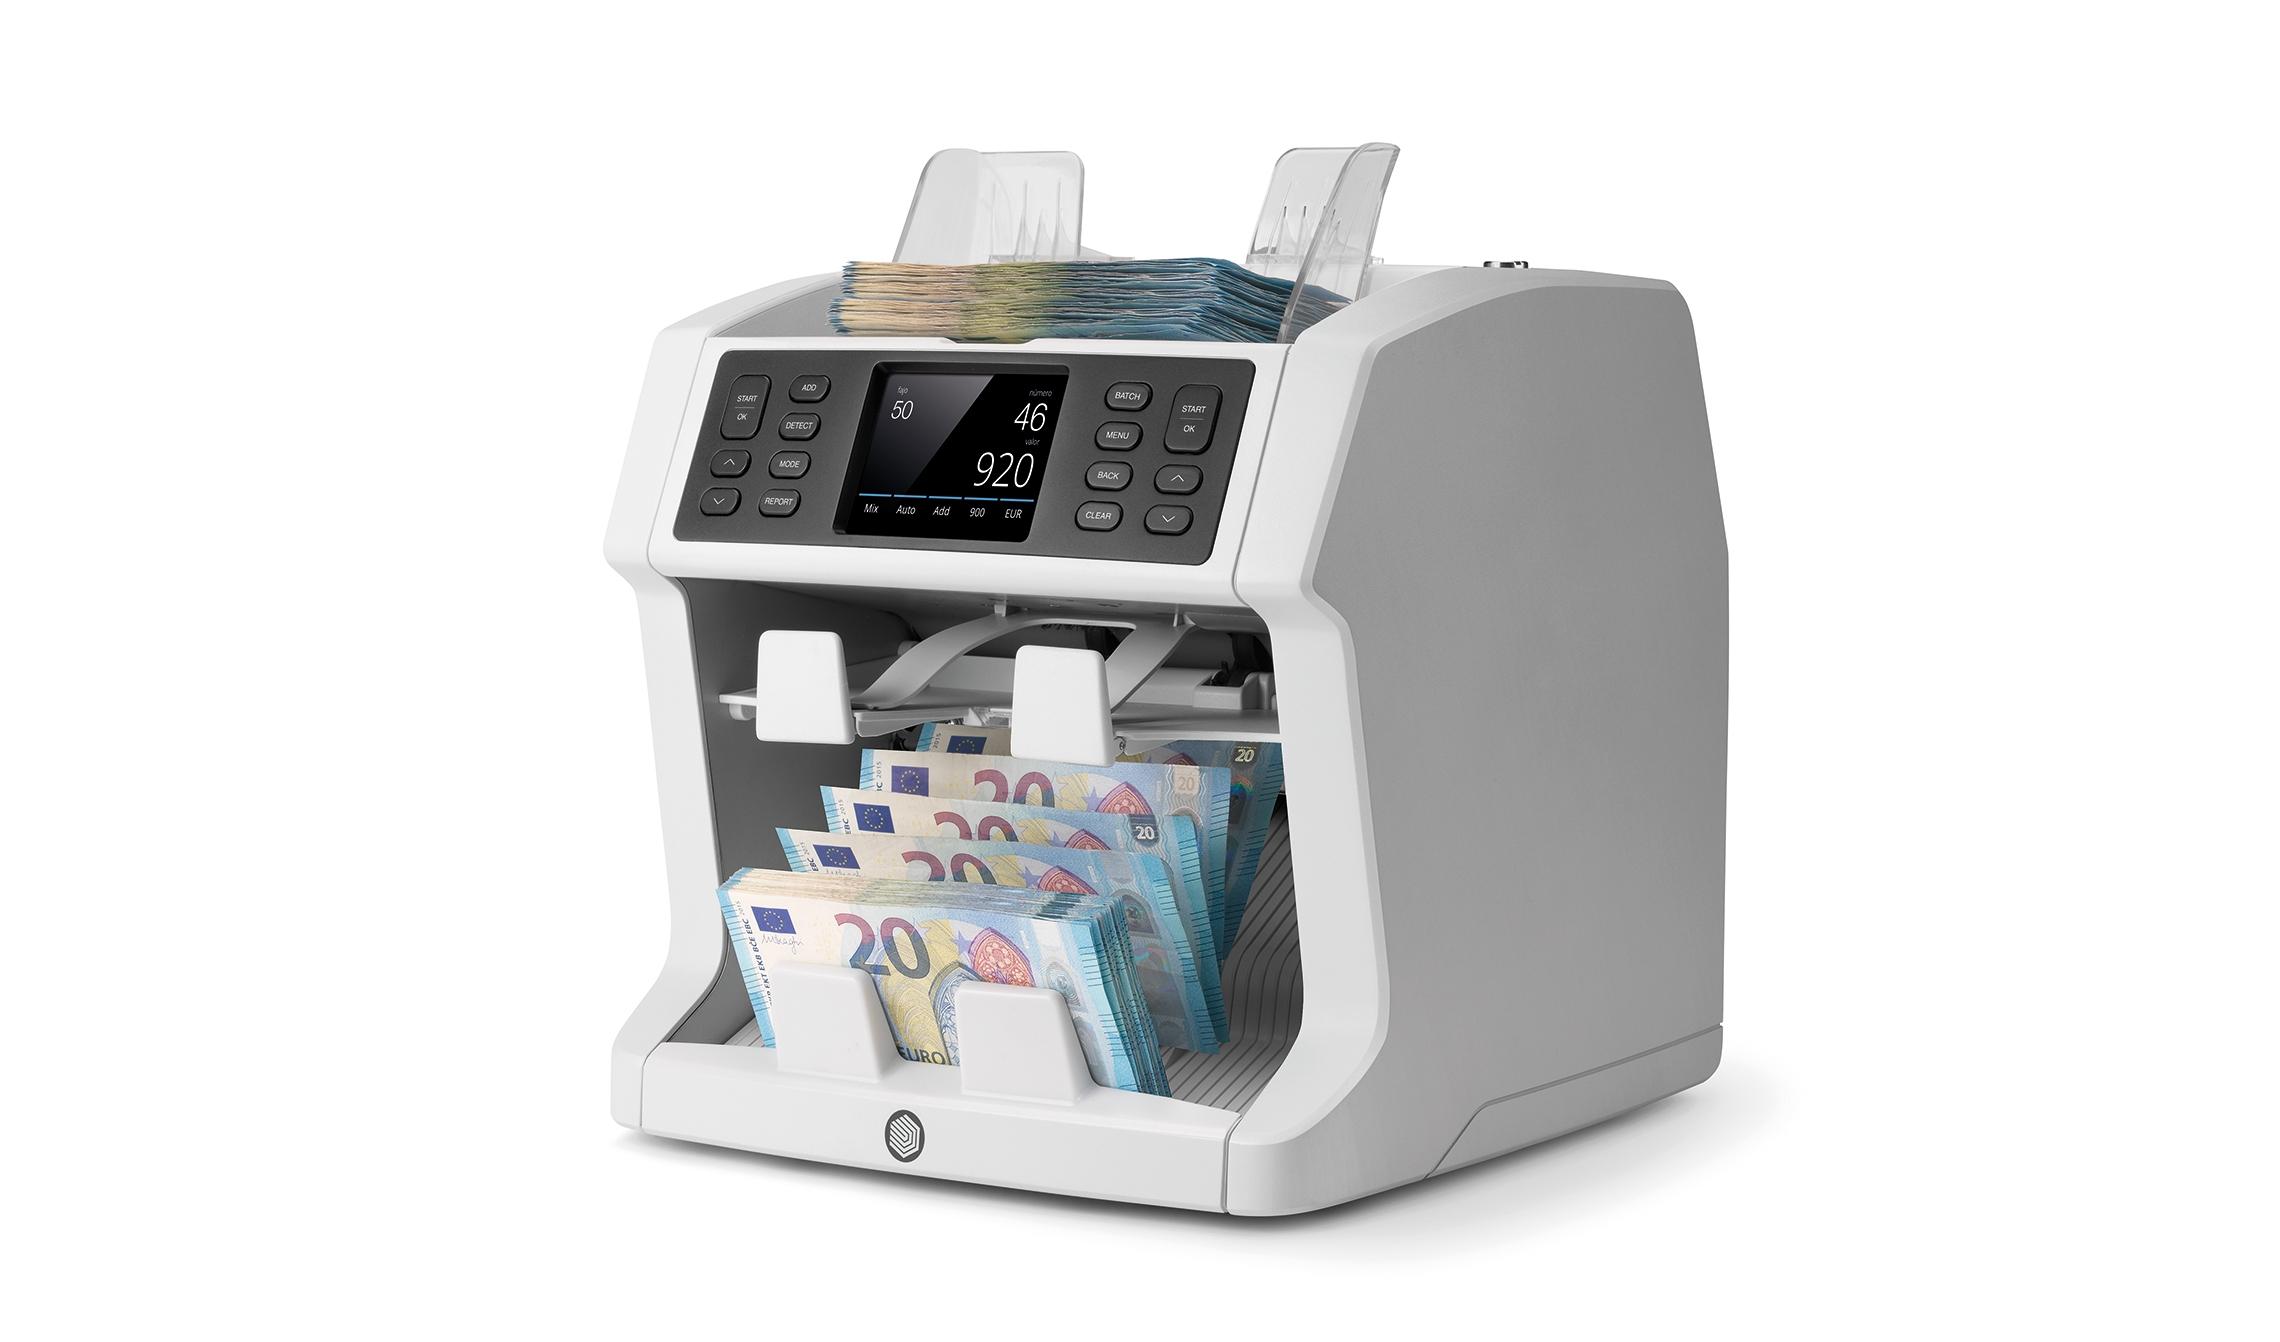 safescan-2985-sx-contadora-de-billetes-clasificadora